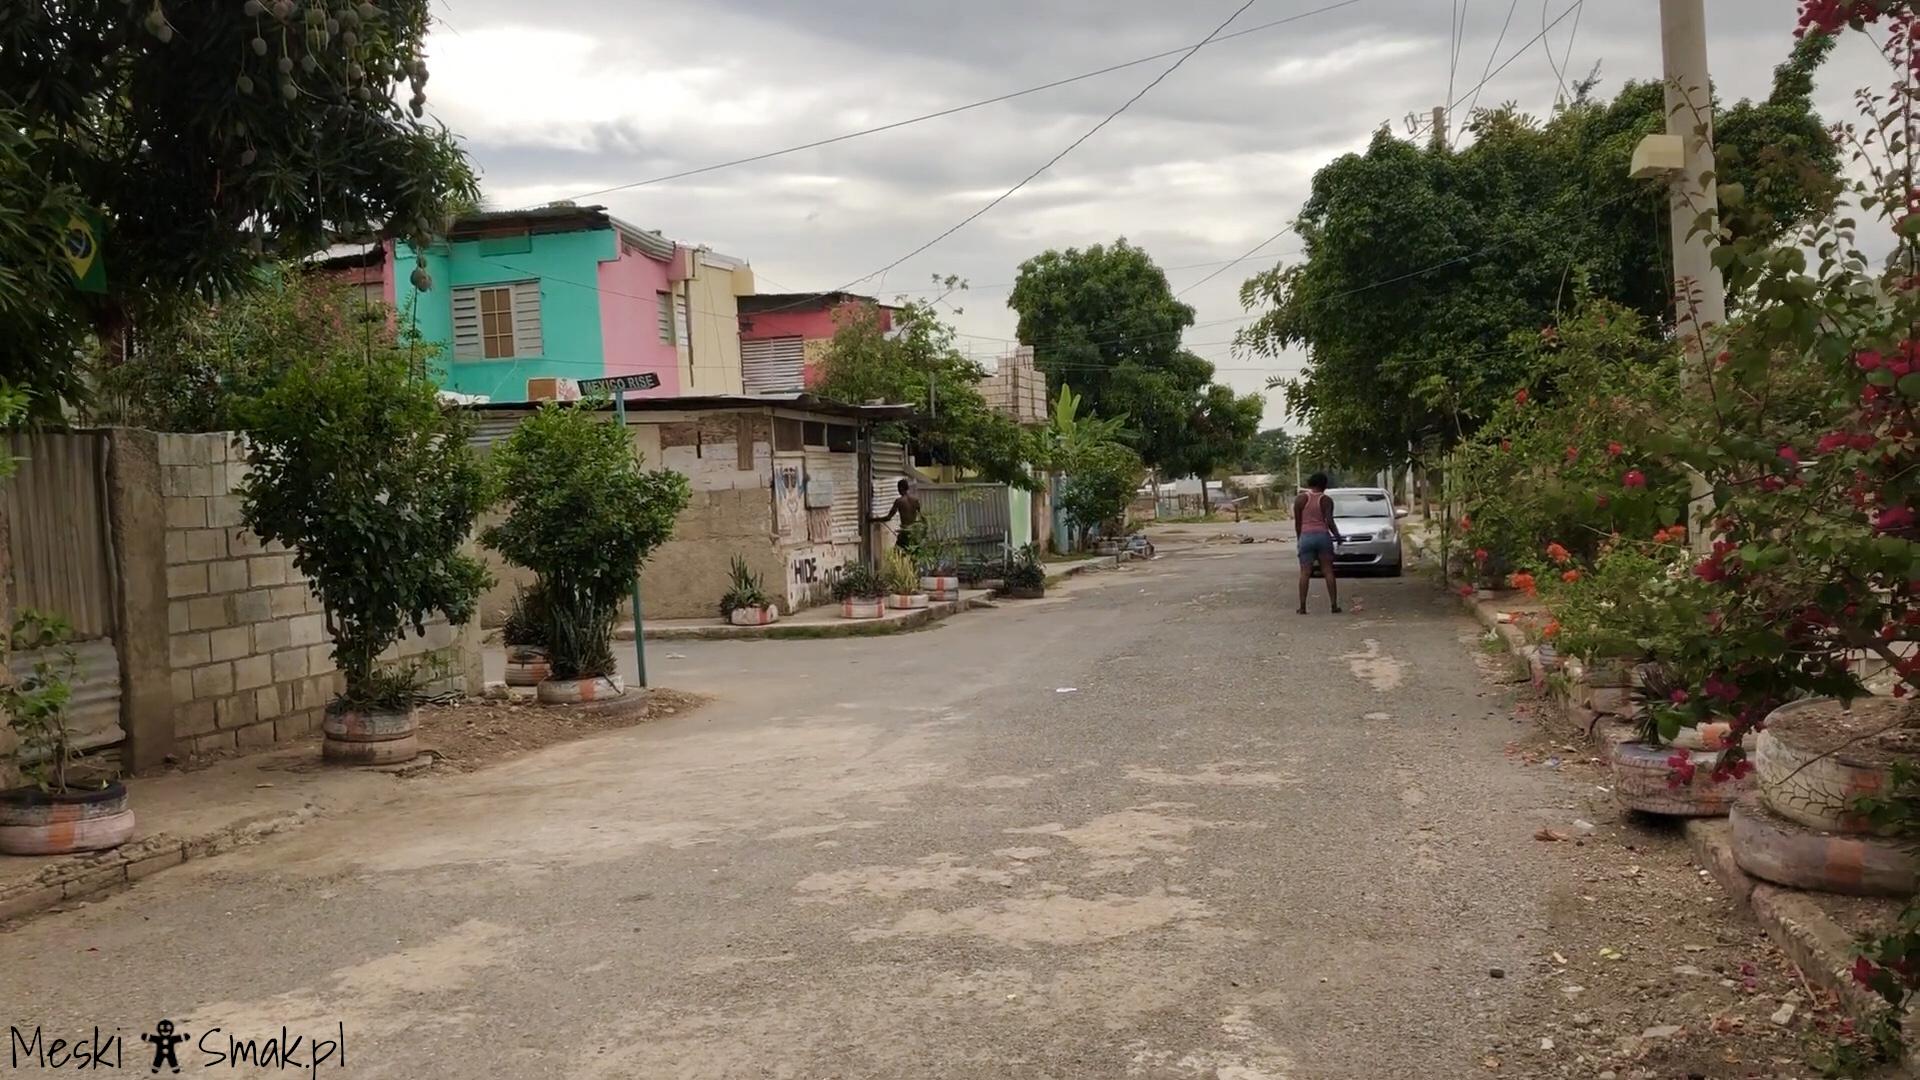 Wakacje i wycieczki Jamajka_wszystko o Trench Town Culture Yard 3